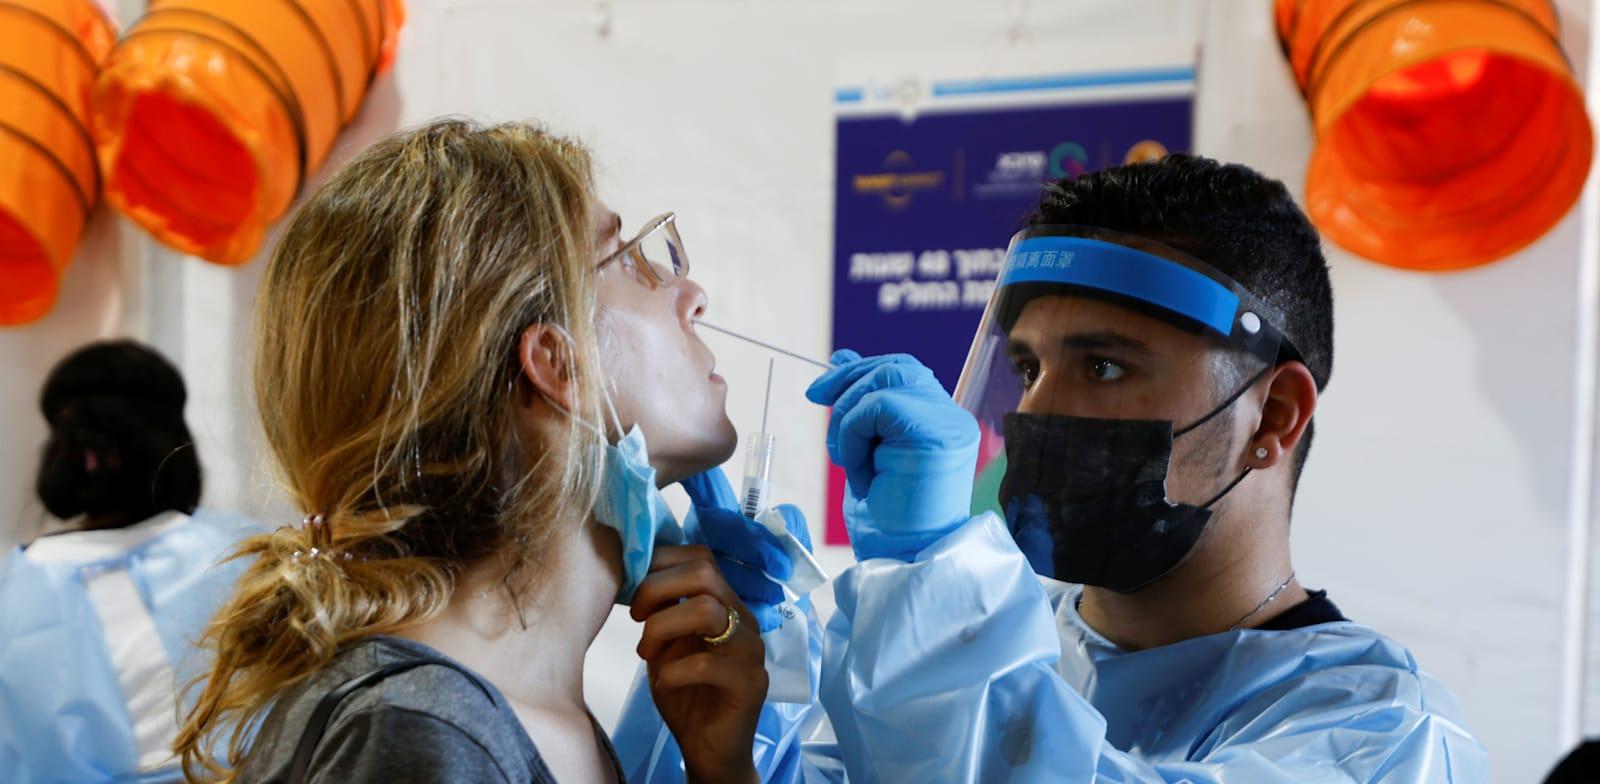 בדיקת קורונה באמצעות מטוש. רמת המהימנות בבדיקה ביתית של רניום היא 80% בלבד / צילום: Reuters, AMIR COHEN